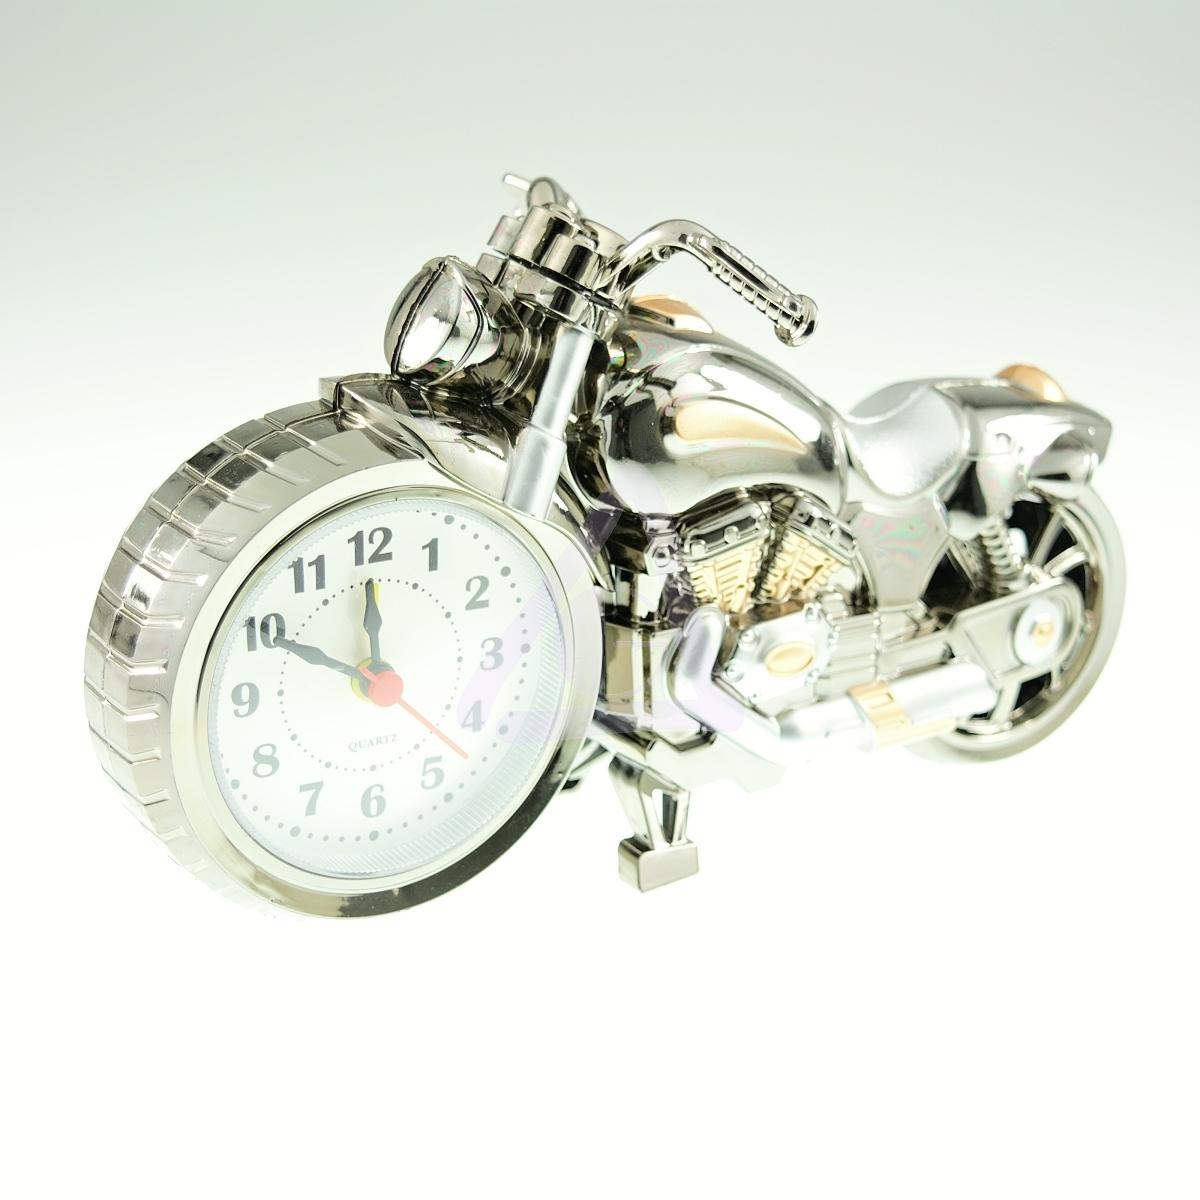 85c0804b7a99d Hodiny motorka - Šperky a dekorácie